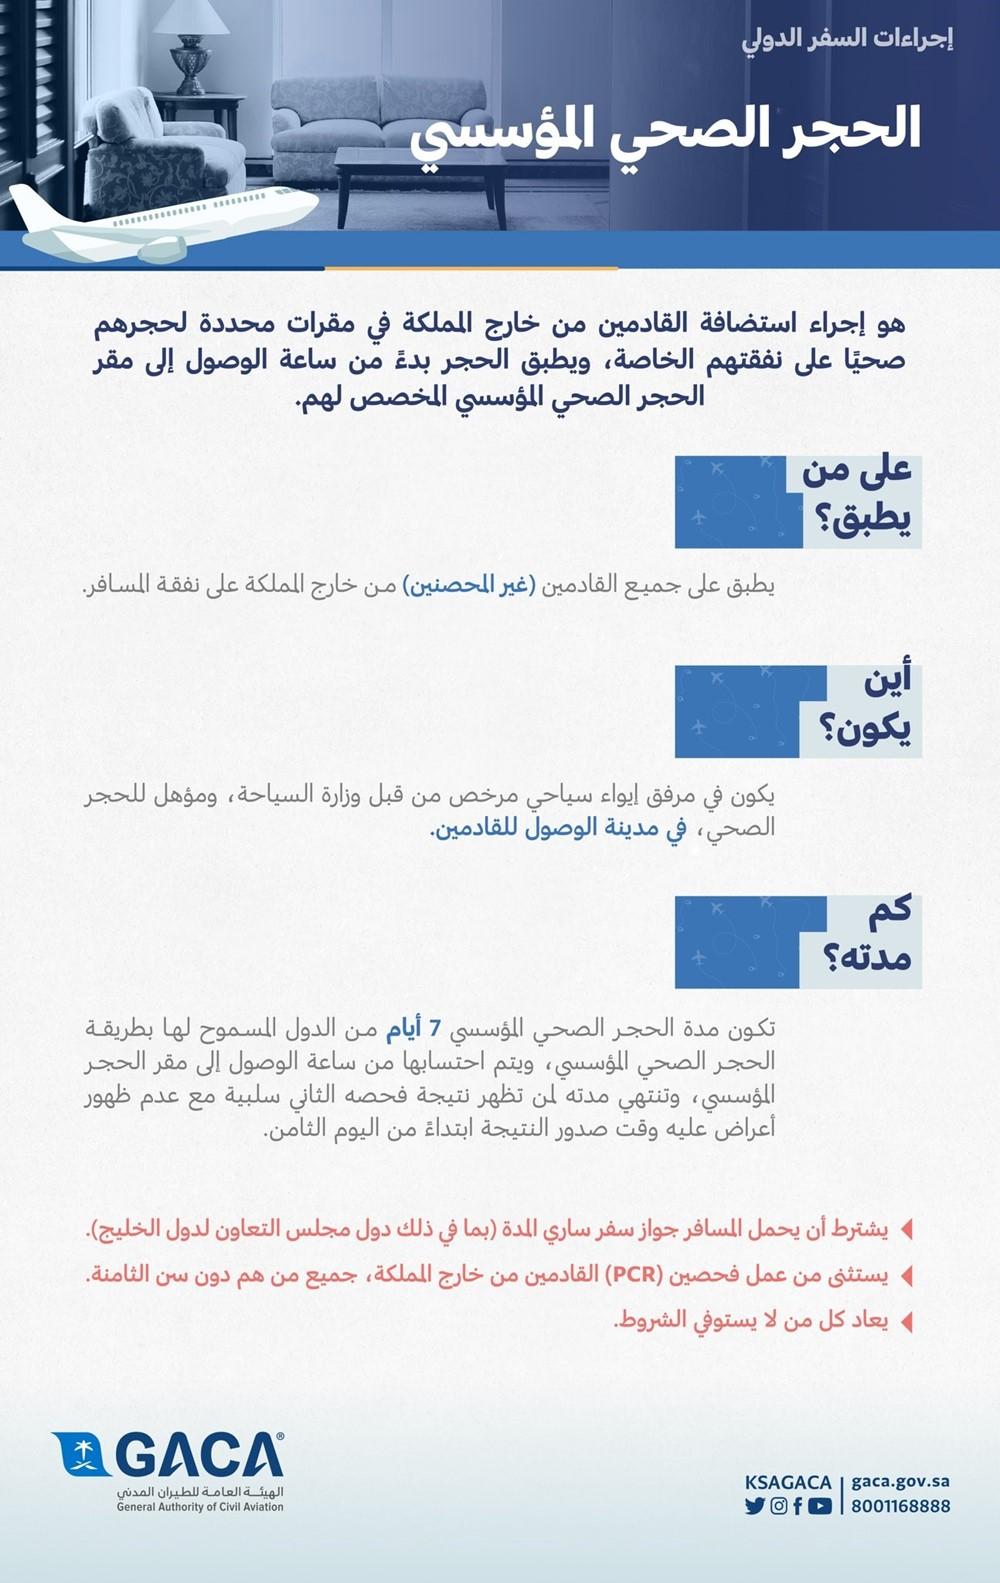 شروط الحجر المؤسسي بالسعودية